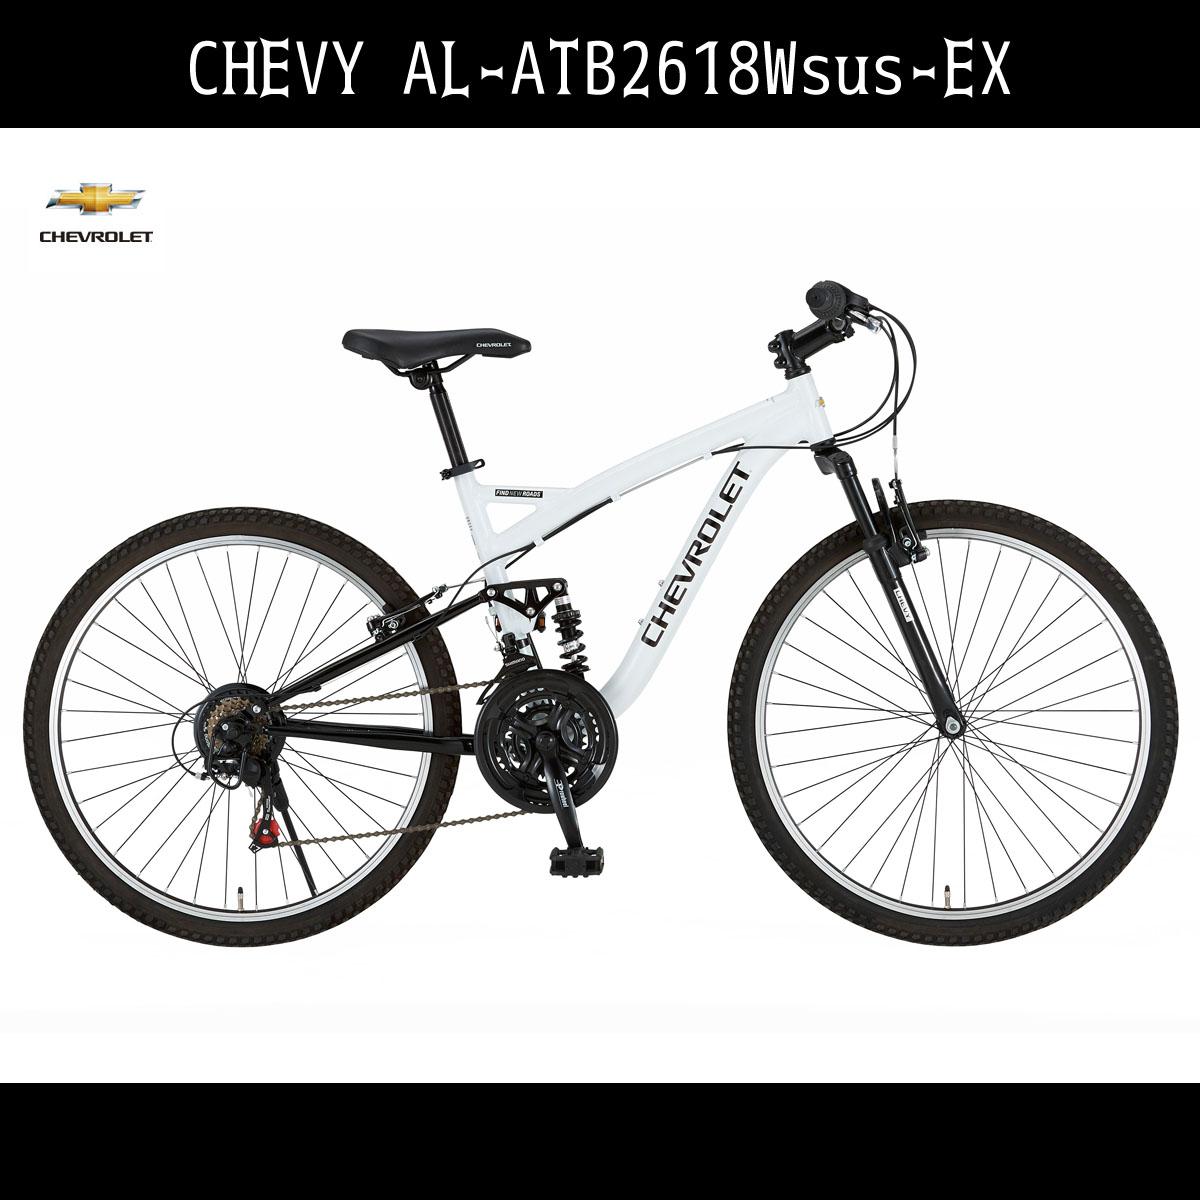 2台セット販売 マウンテンバイク シボレー 自転車 ホワイト 白色26インチ マウンテンバイク 外装18段変速ギア アルミ CHEVROLET CHEVY シェビー 自転車 シボレー AL-ATB2618EX アルミニウム ギア付 通販 おしゃれ